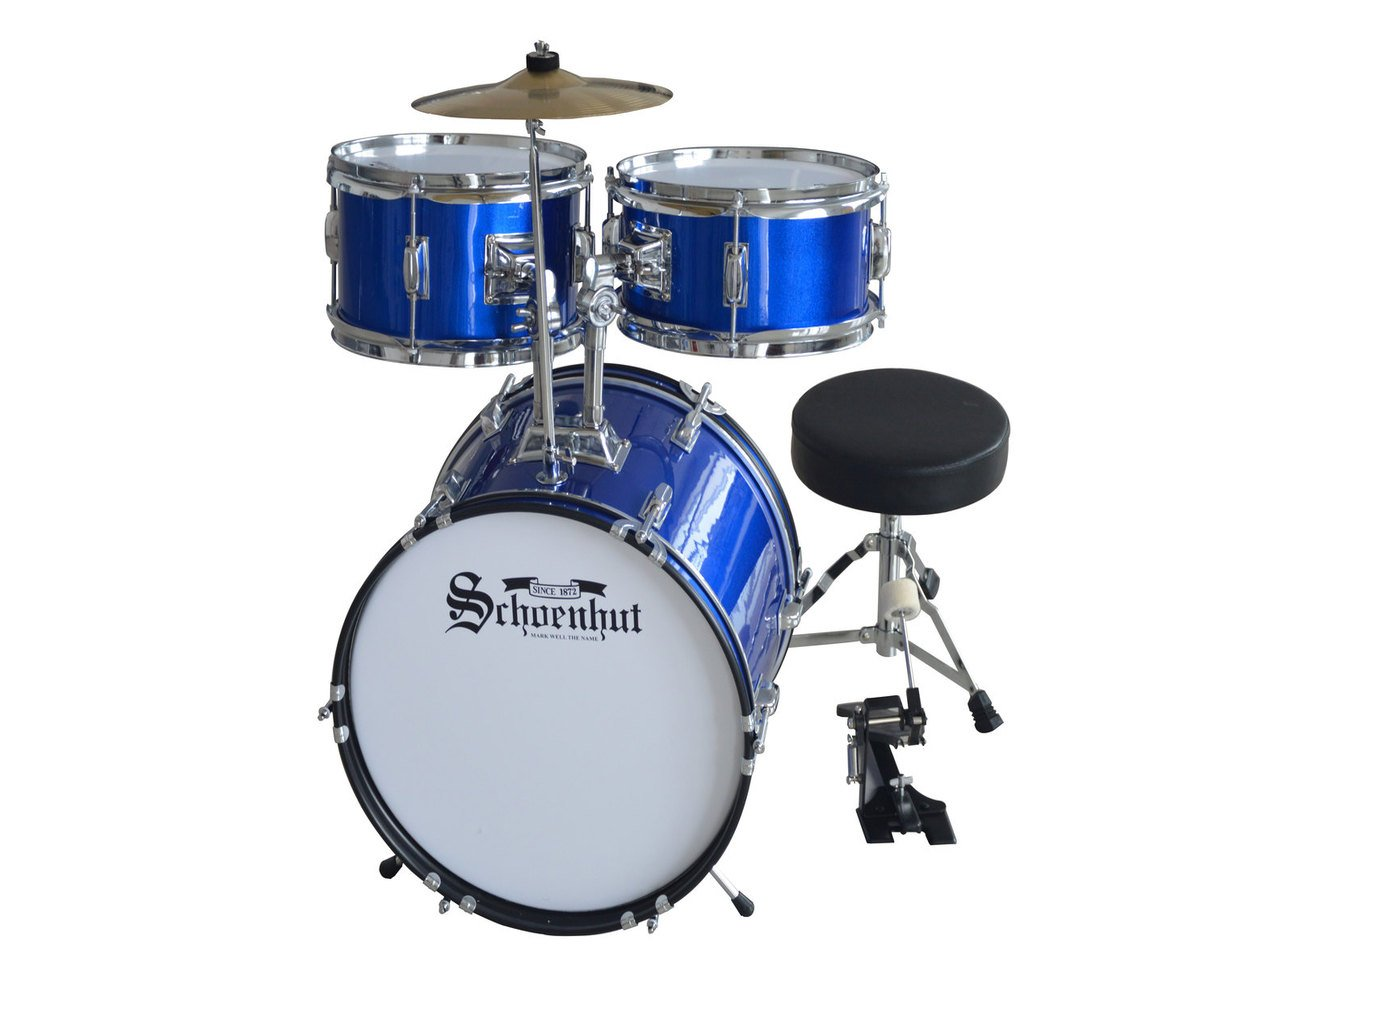 Schoenhut 5-Piece Drum Set Image